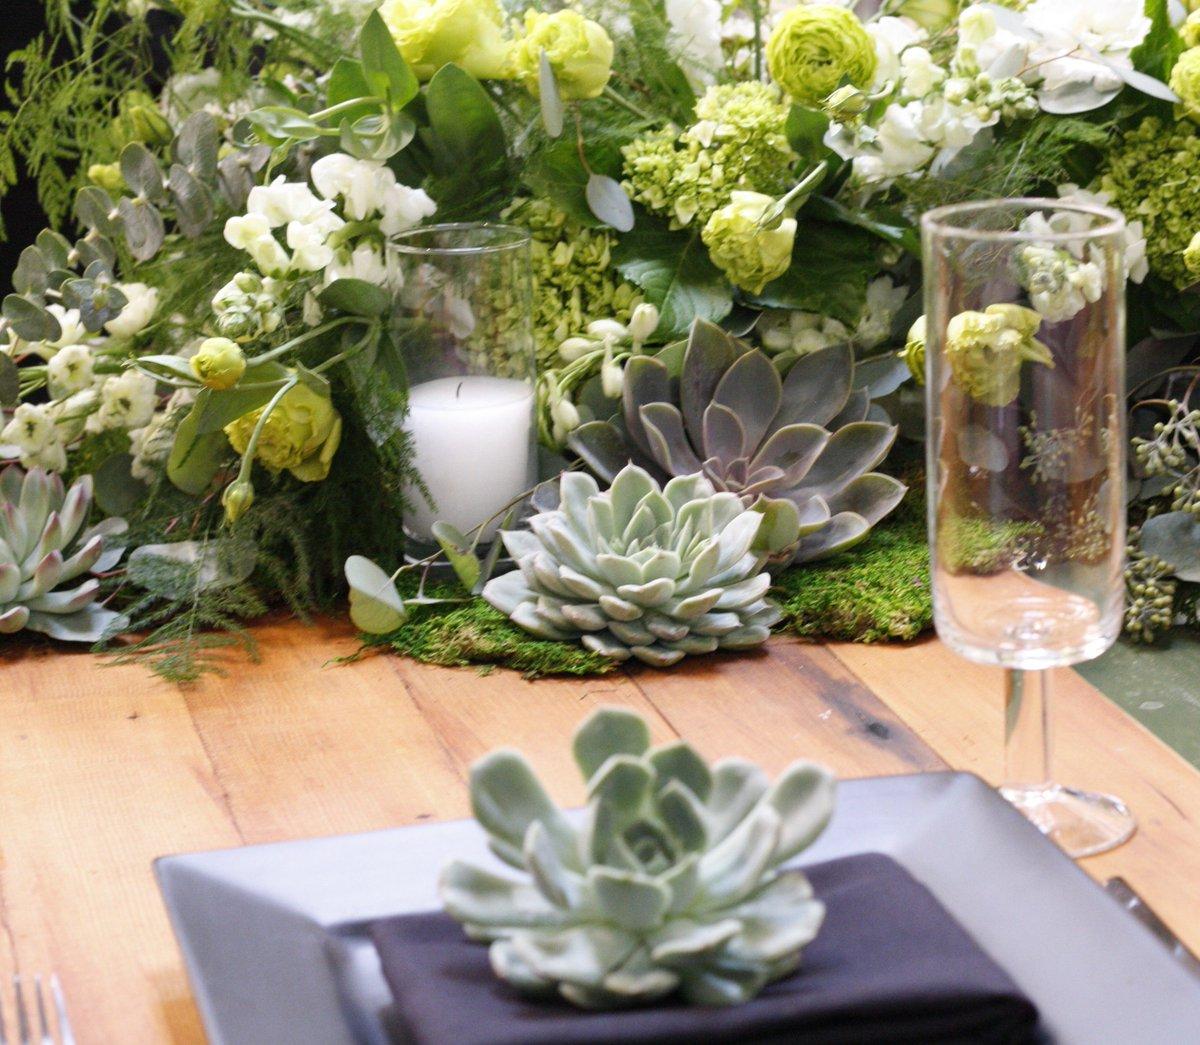 Succulent oasis for Bec and Lauren's wedding